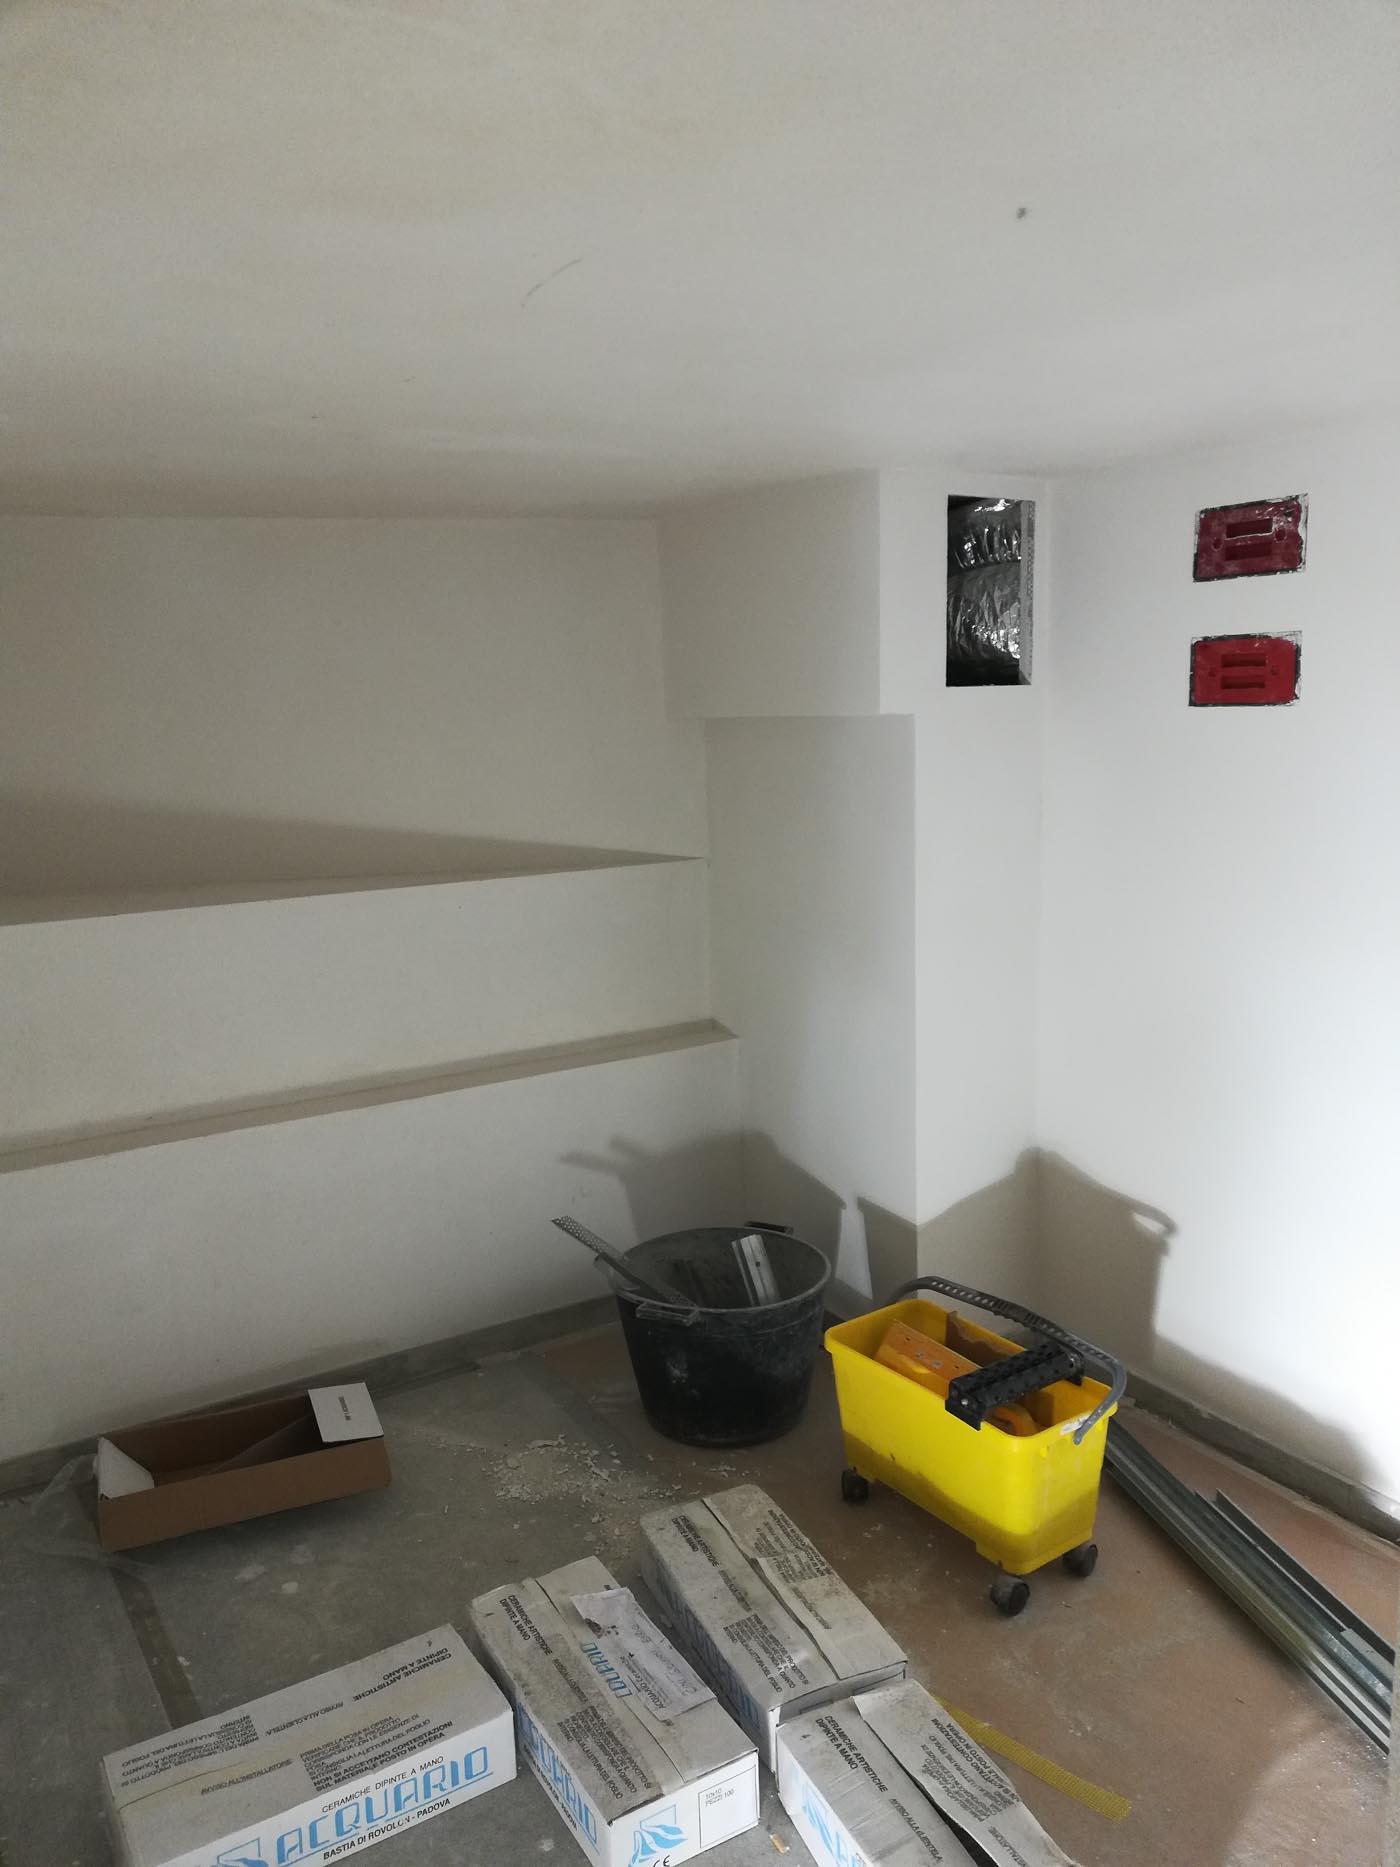 impresa-edilenicolosi-ristrutturazione-appartamento-sottoil-livello-del-mare-42